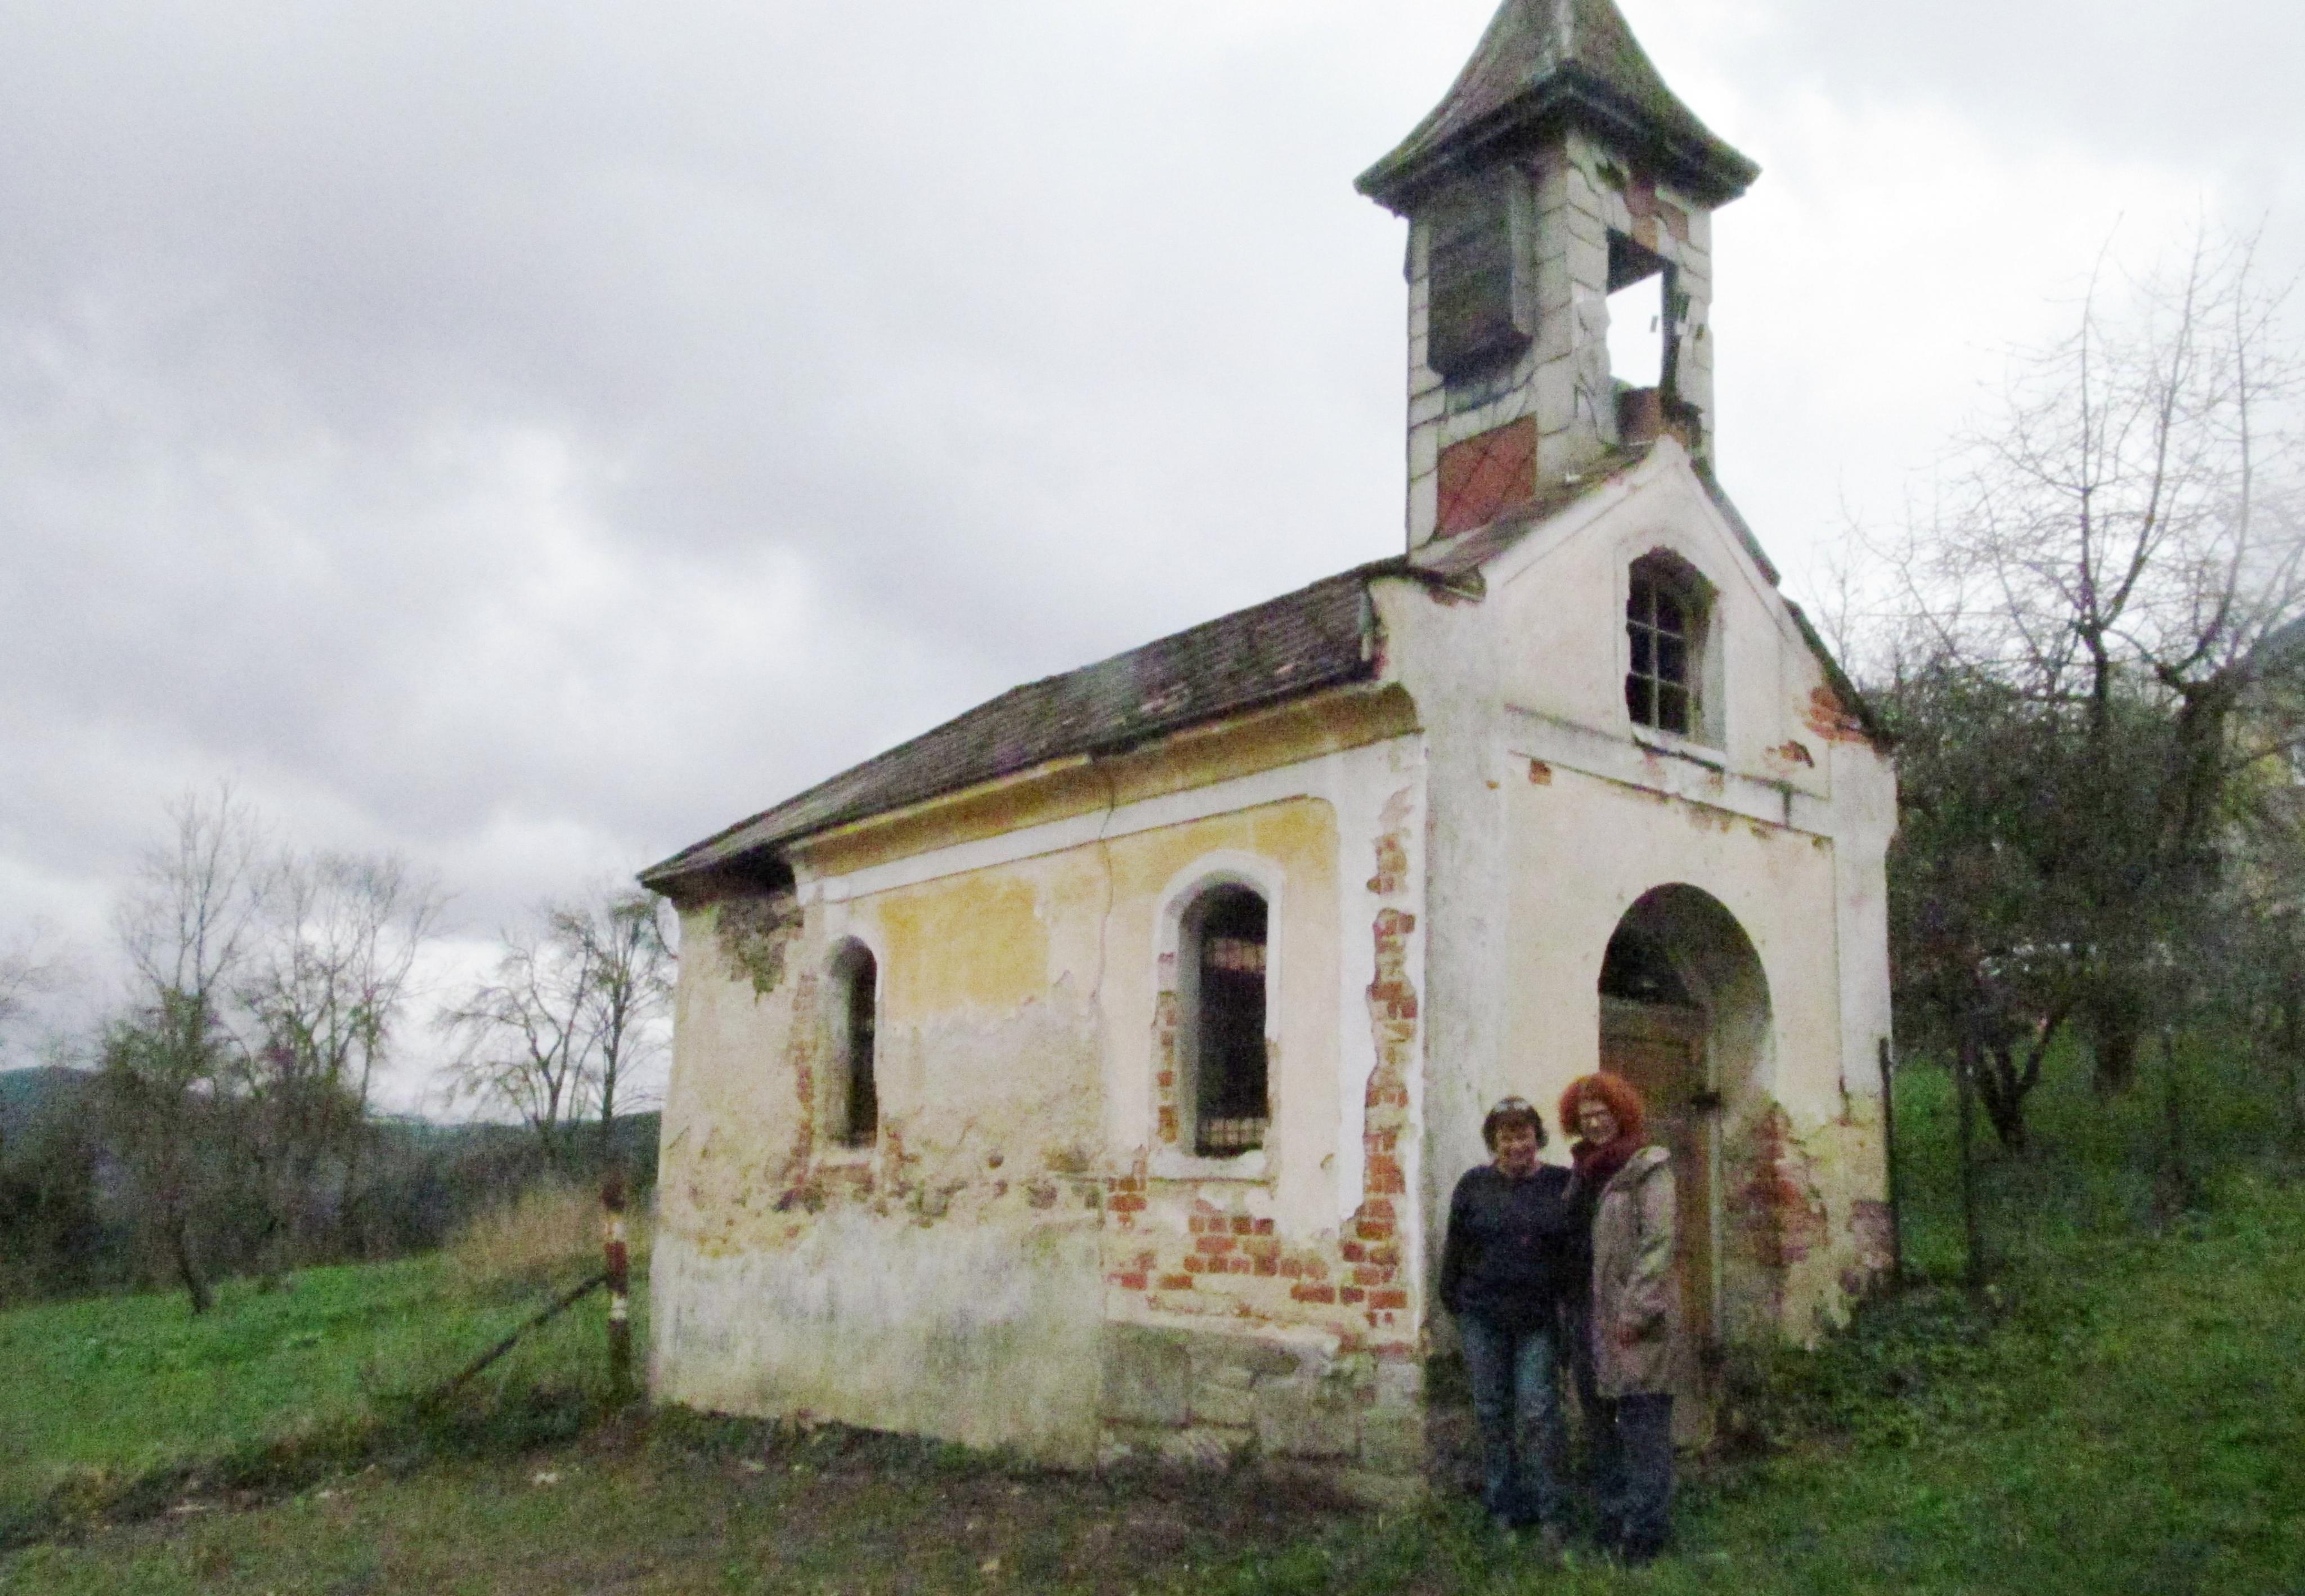 Kaplička v lokalitě Brantlův dvůr, kterou chce zachránít spolek Vimpersko